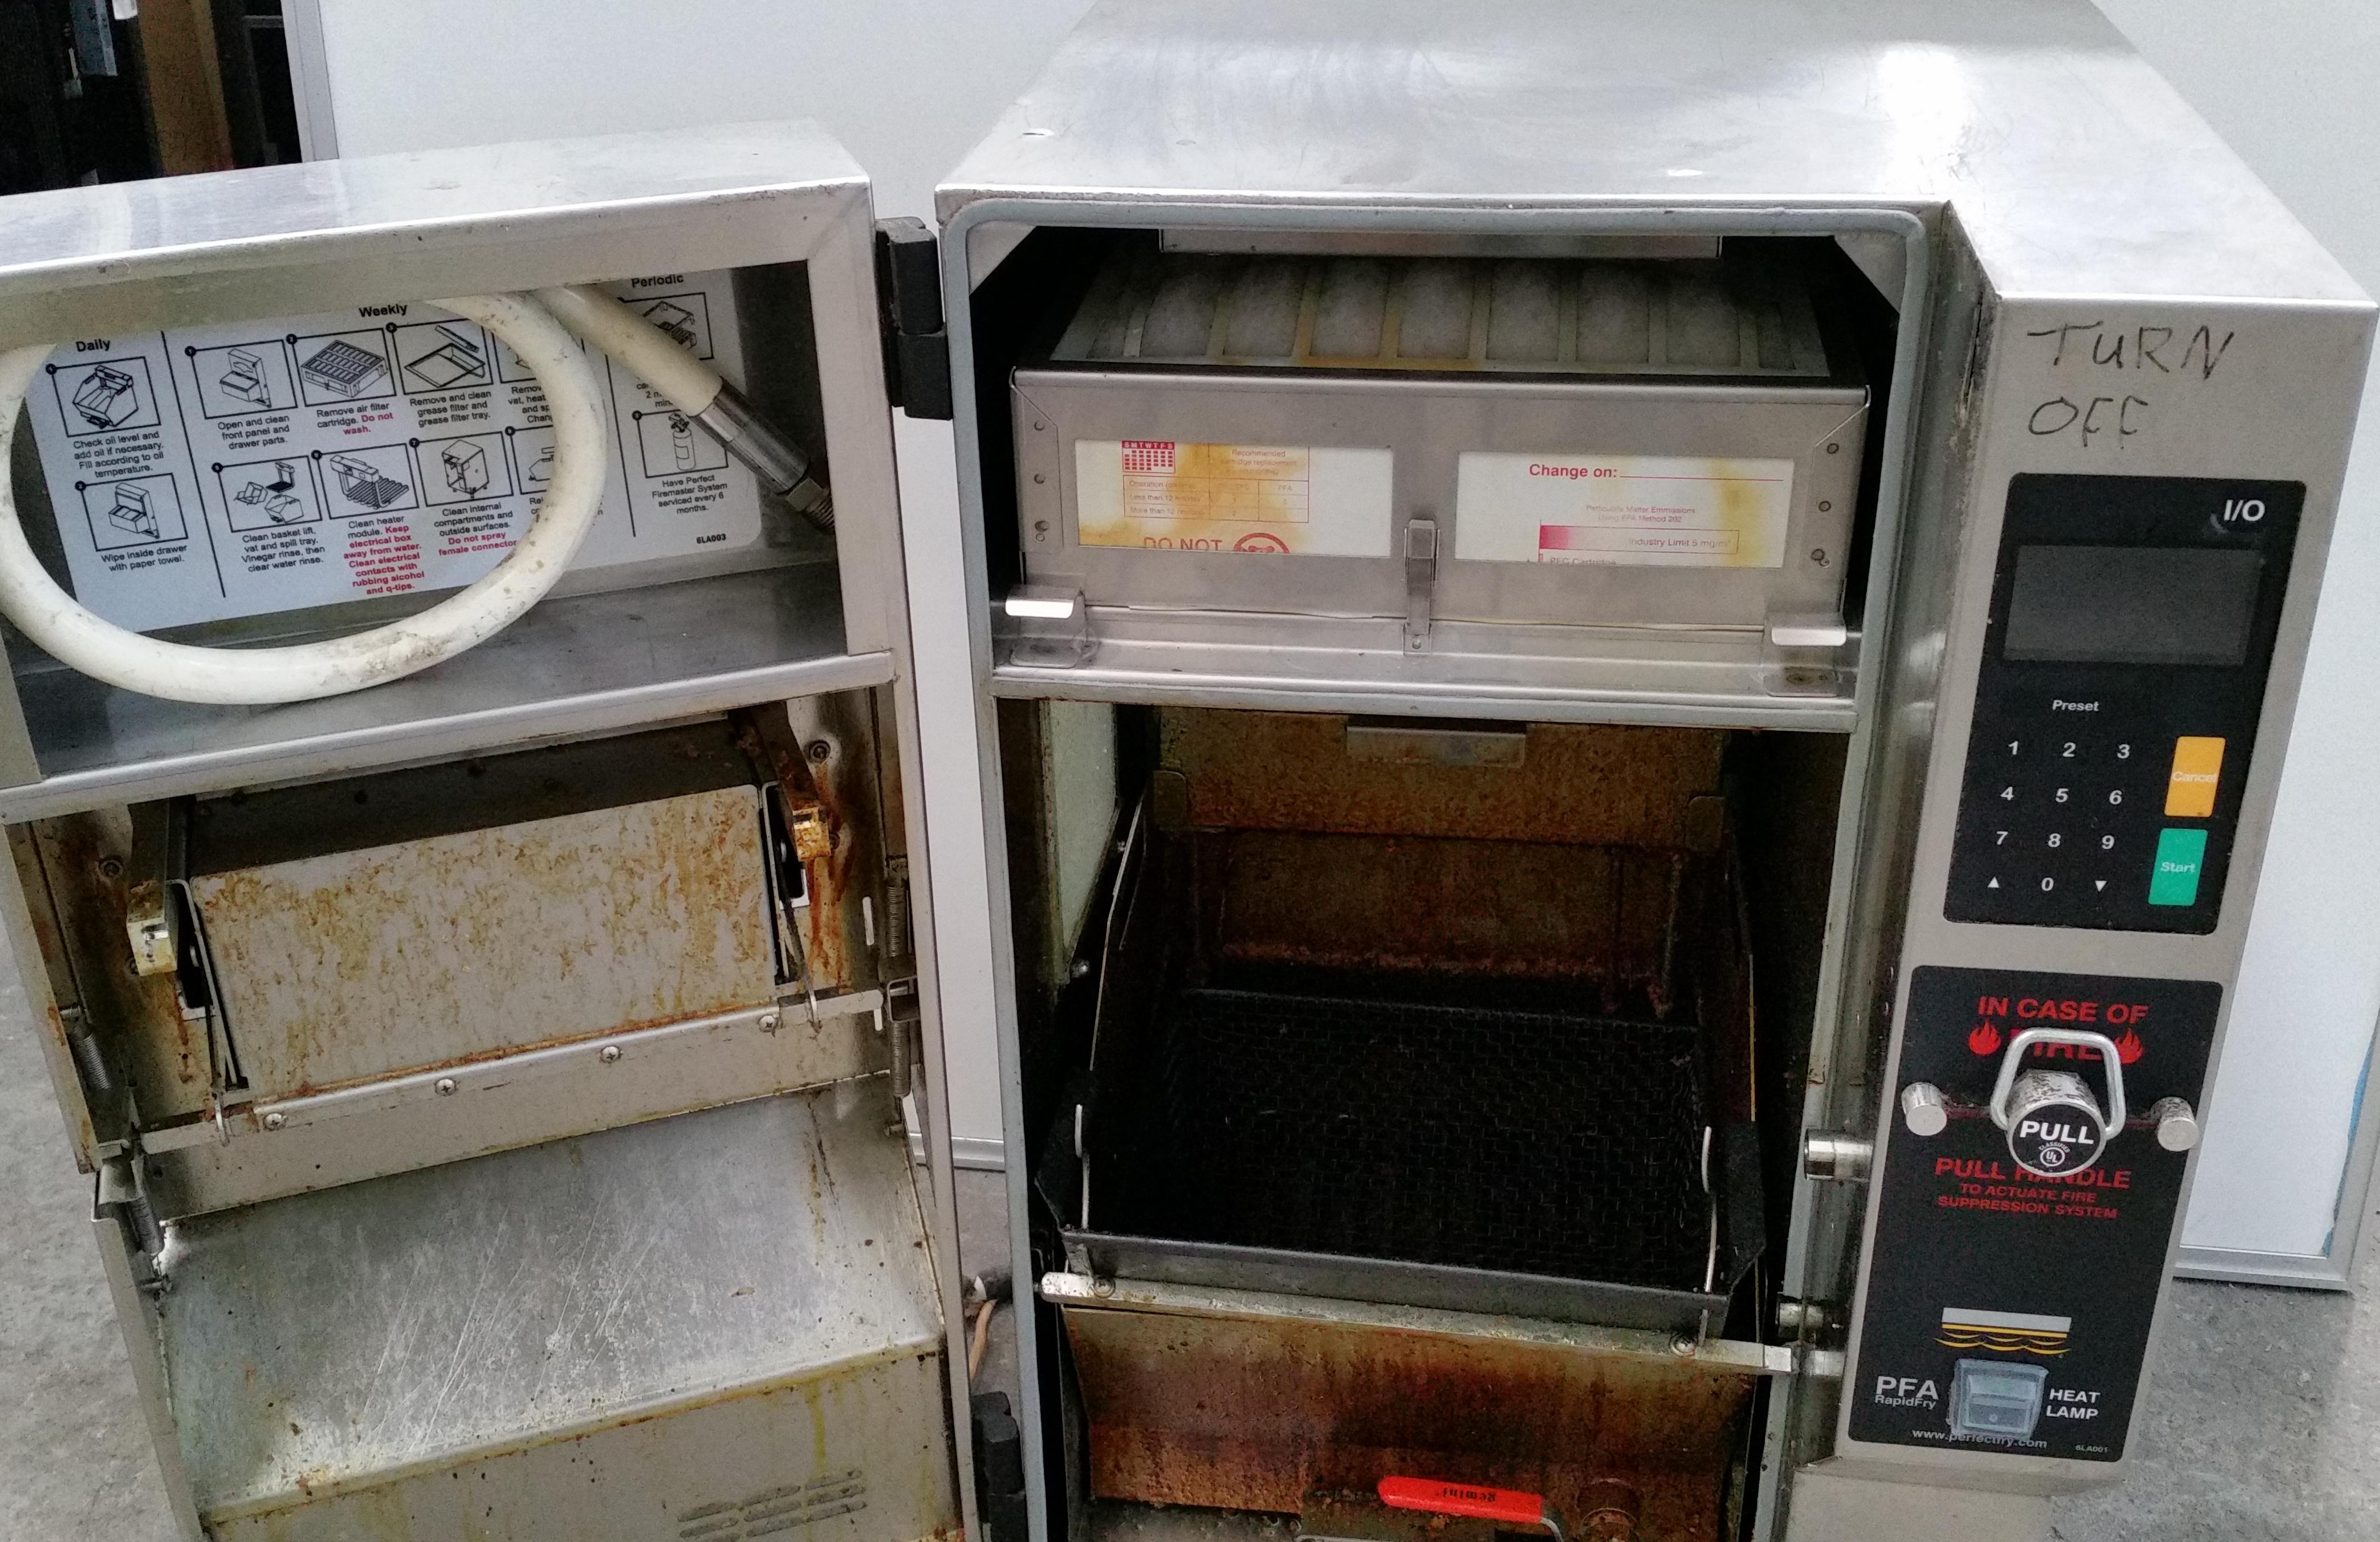 Rapid Fry PFA720 Automatic Fryer